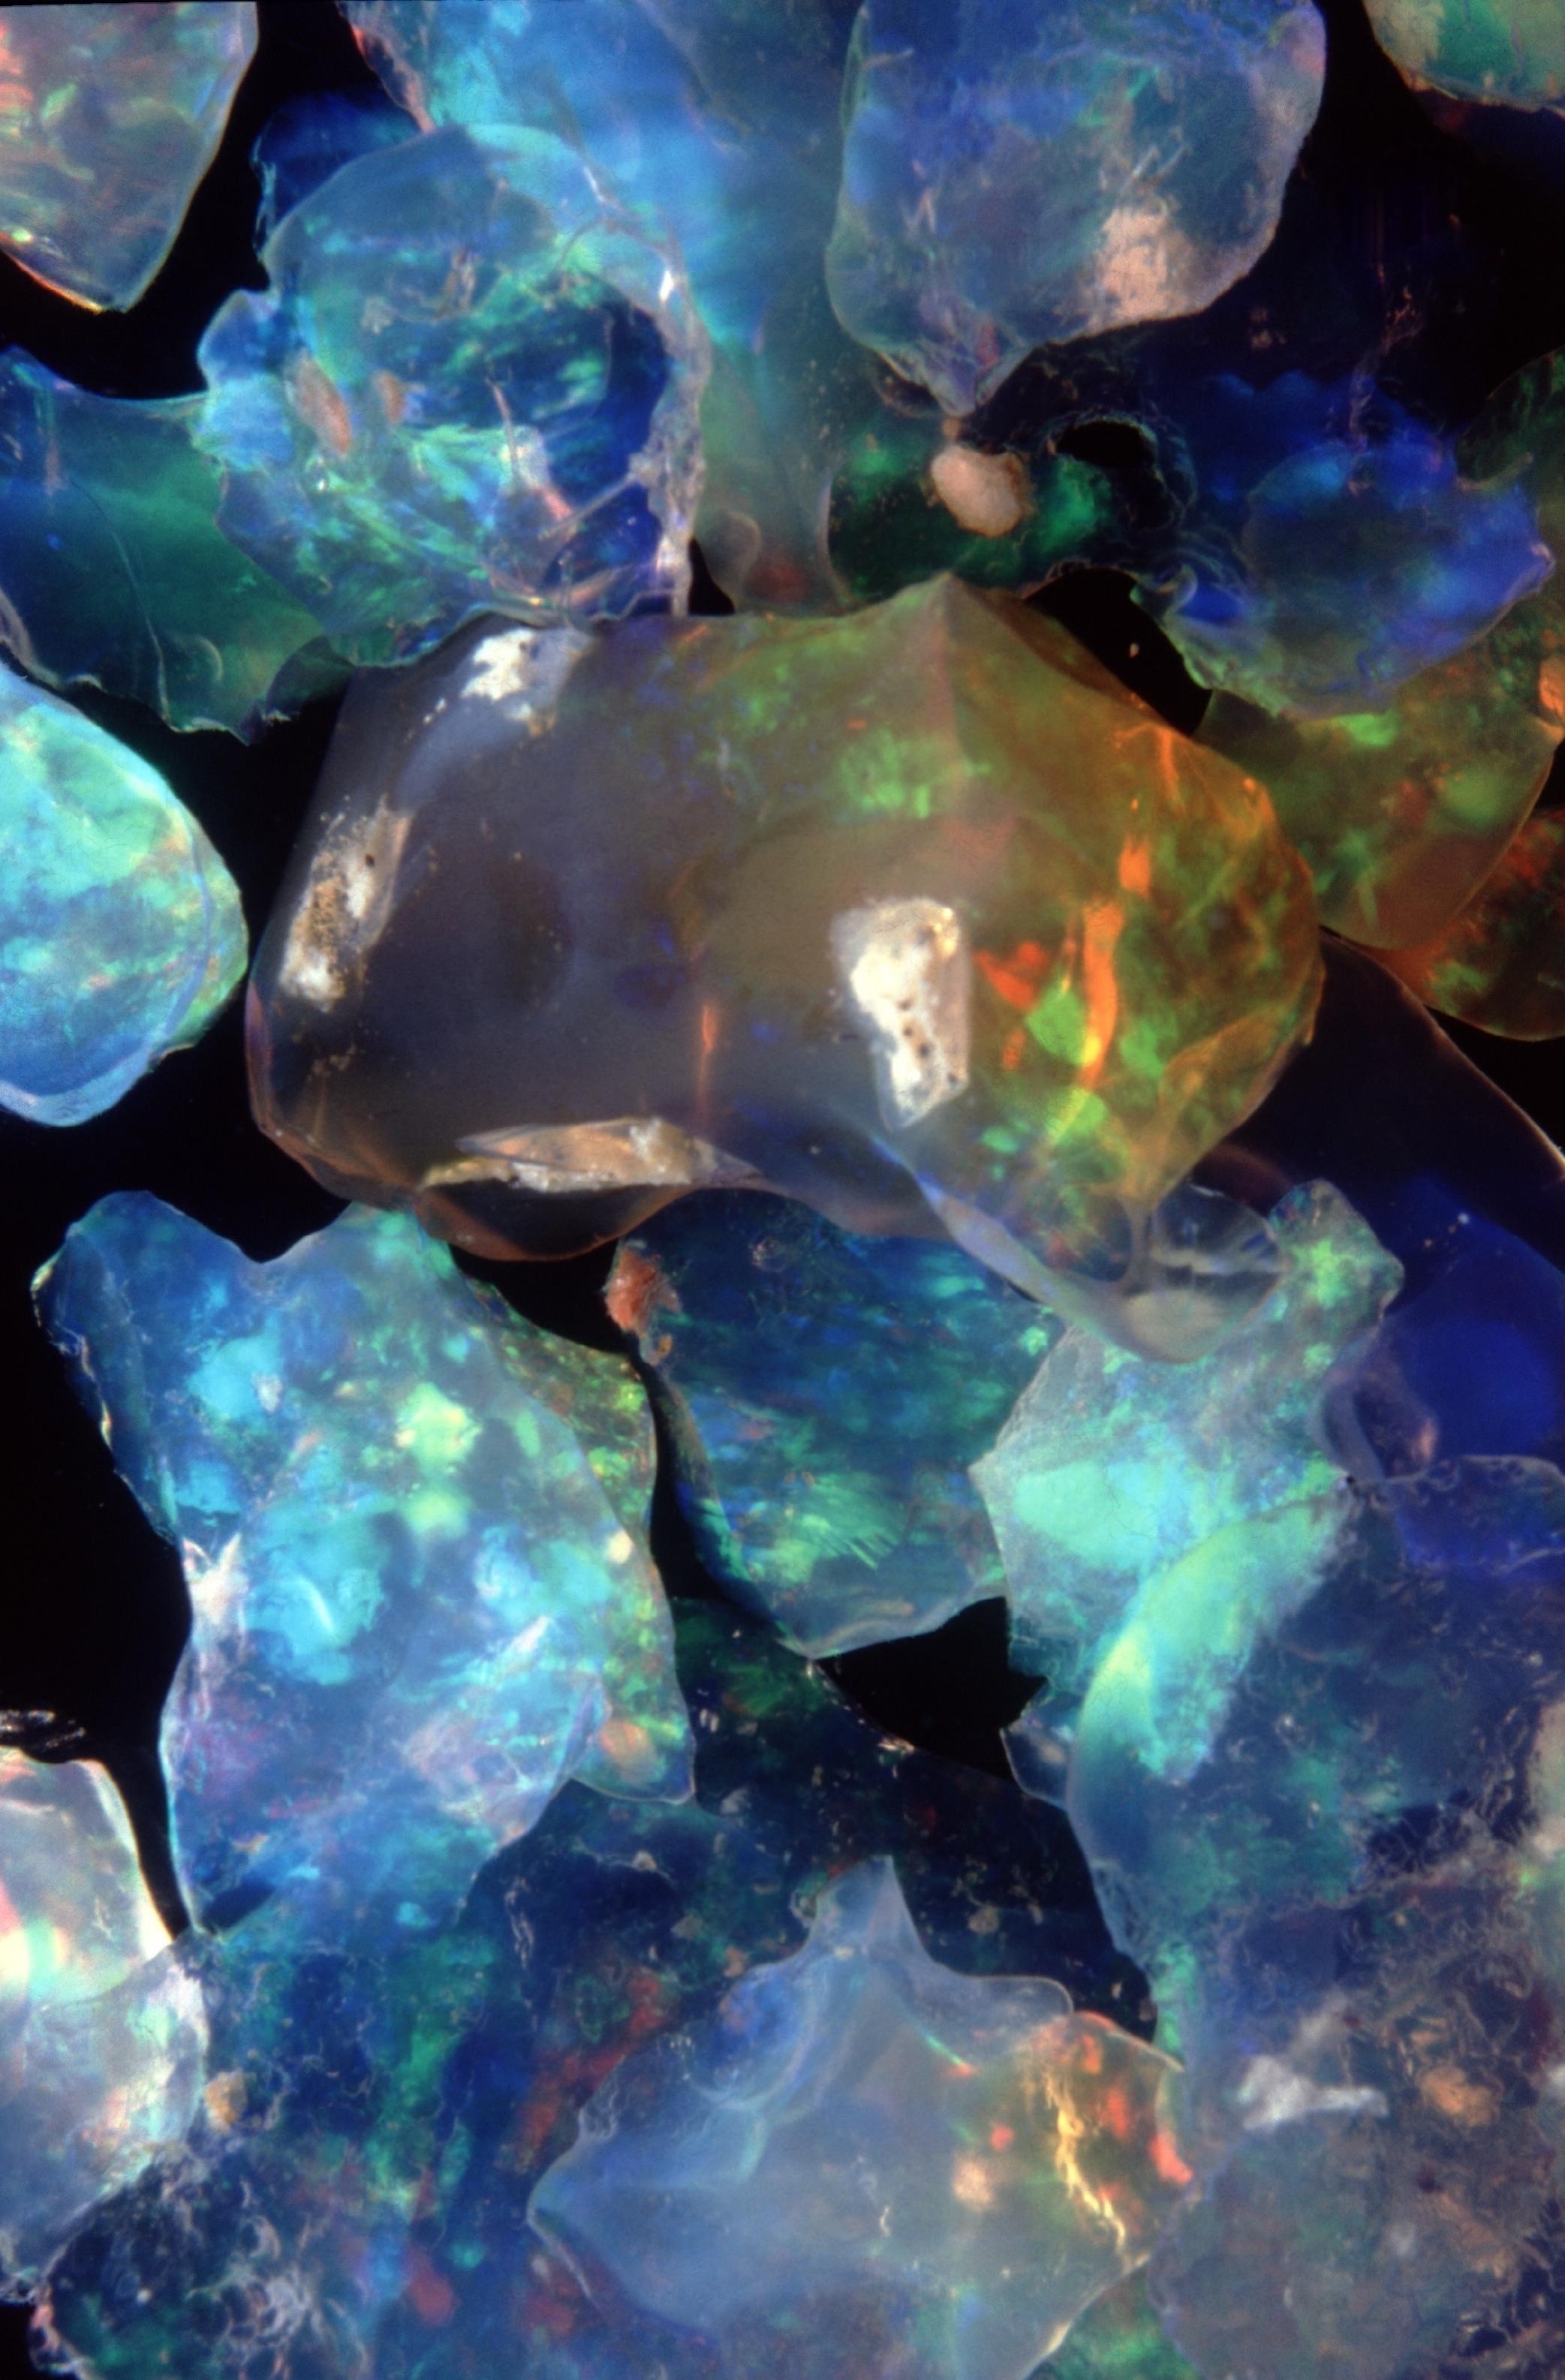 Quelques opales brutes brillant de tous leurs feux : cette pierre est devenue la gemme nationale de l'Australie, qui en est le premier producteur mondial depuis plus d'un siècle.